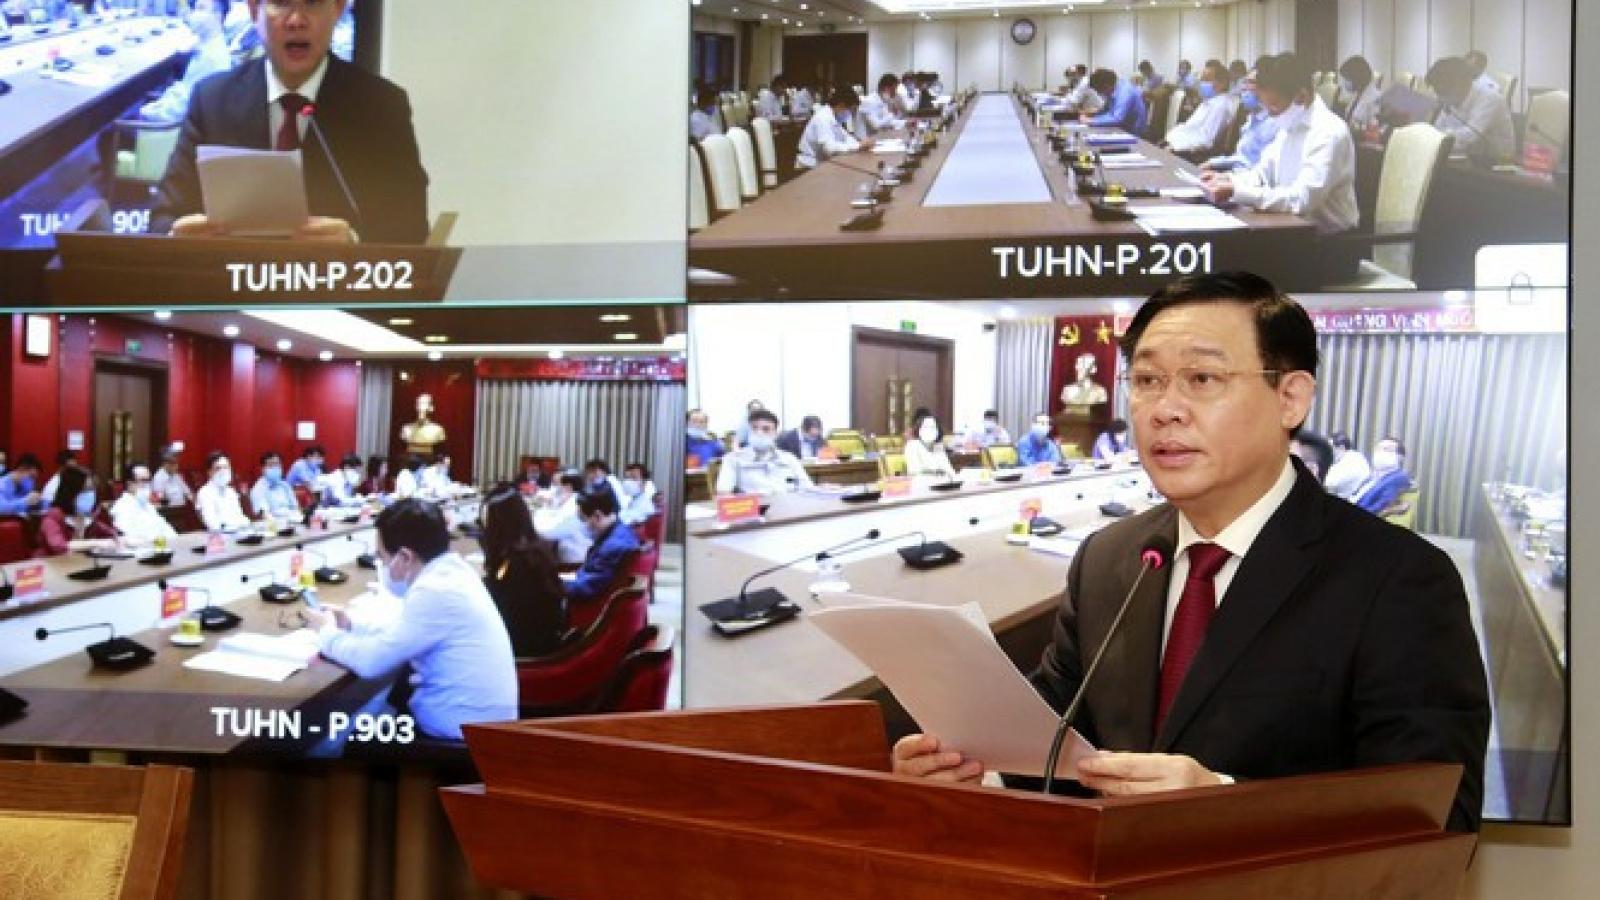 Hà Nội sẽ đầu tư gần 106.000 tỷ để xây 2 tuyến đường sắt đô thị mới